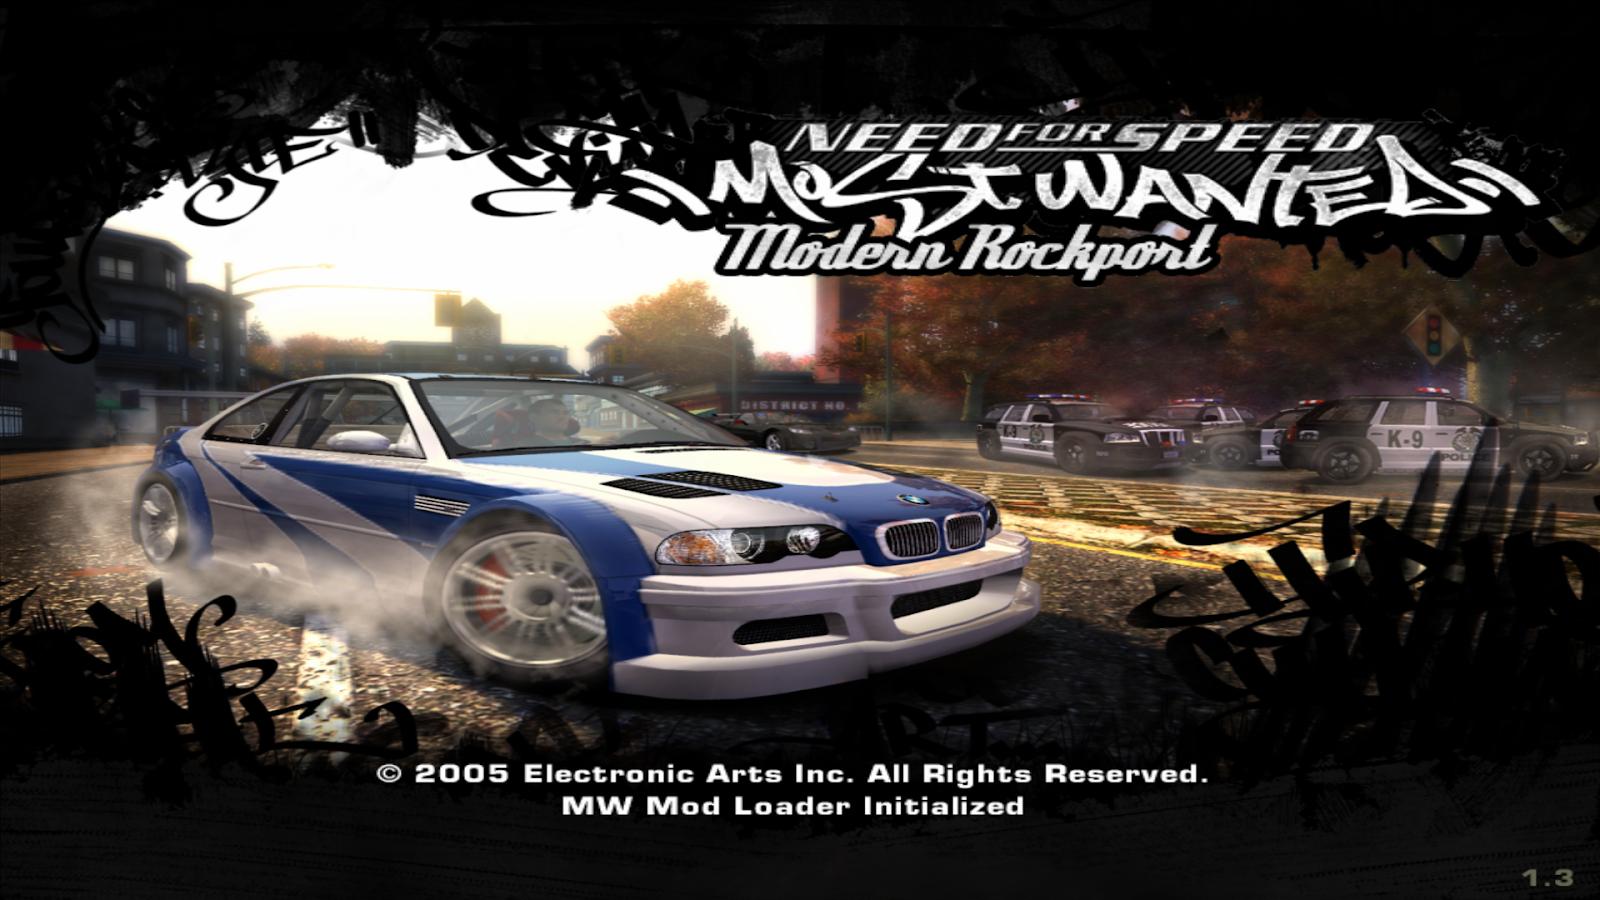 تحميل لعبة نيد فور سبيد موست ونتد القديمة Need For Speed